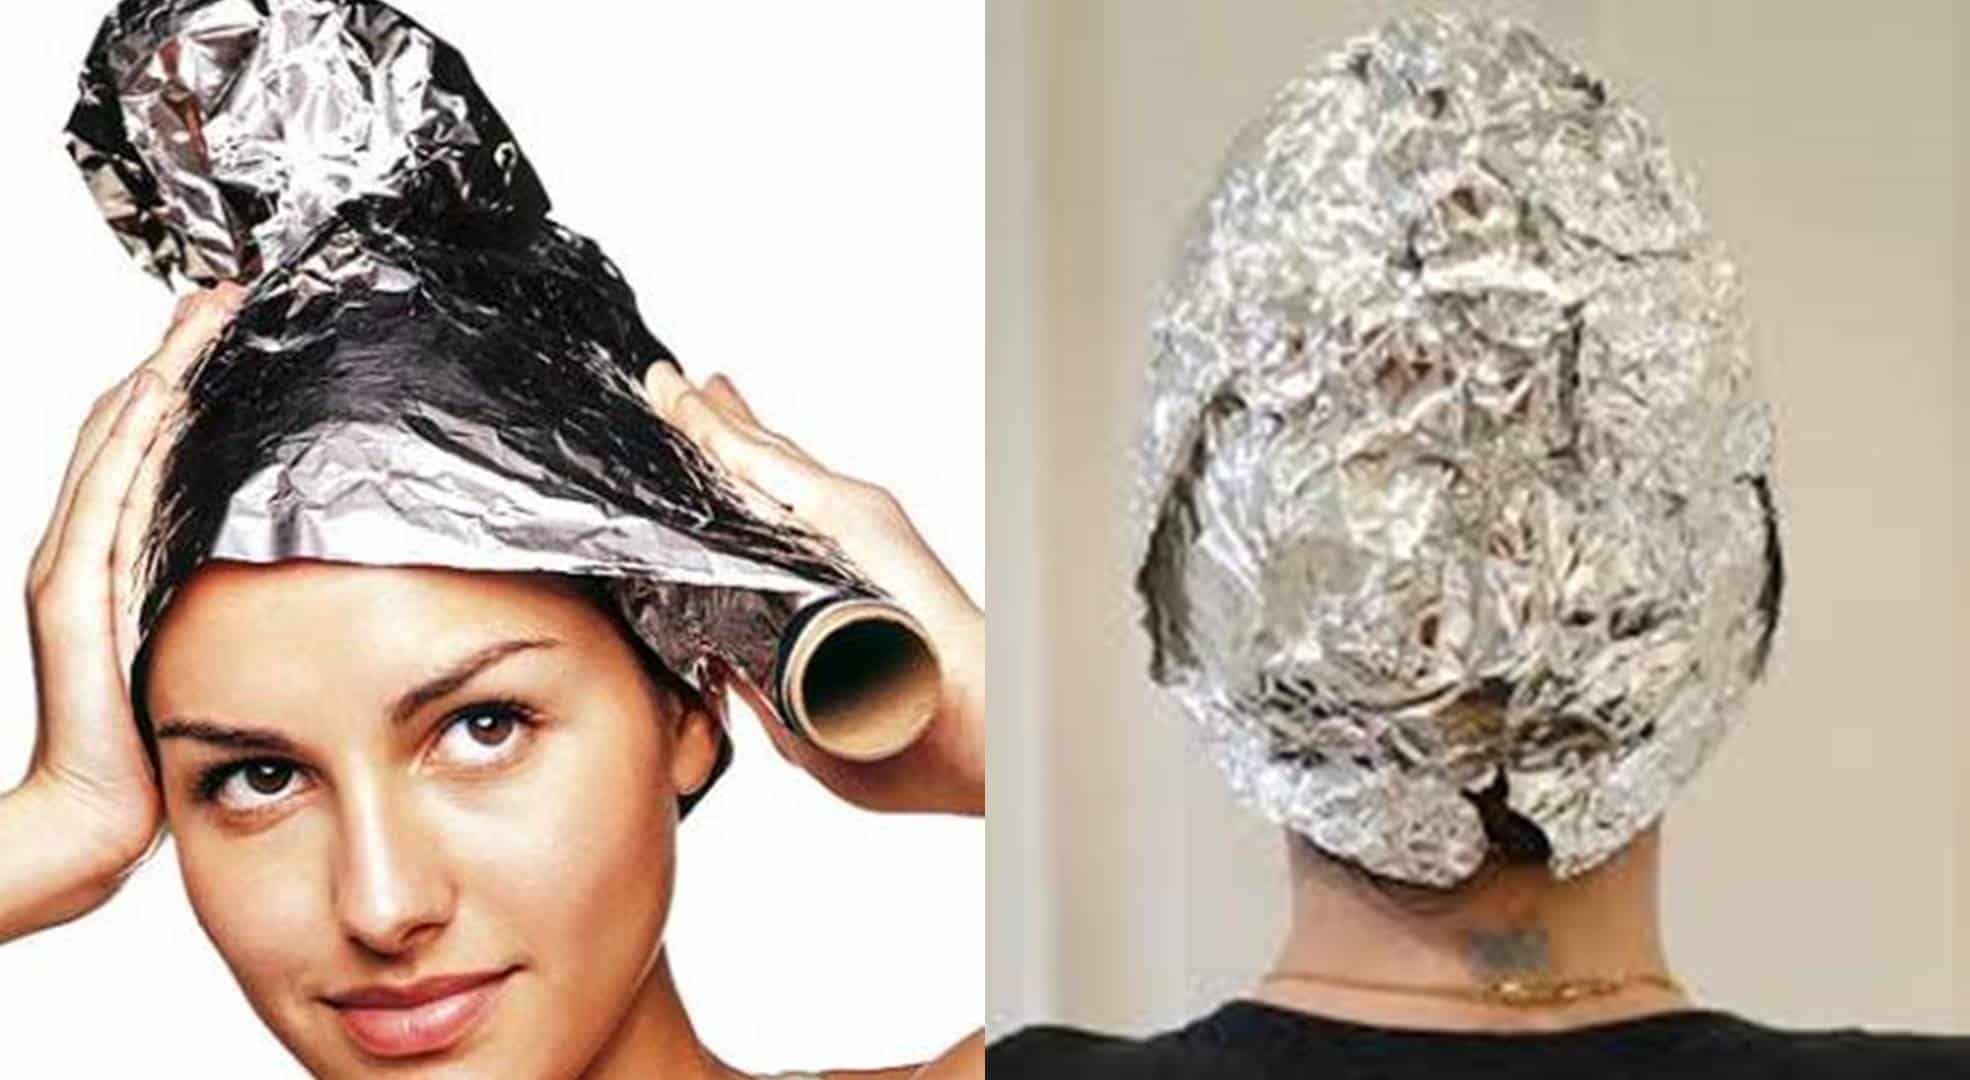 Saiba como reparar o cabelo de forma barata e eficaz com papel alumínio